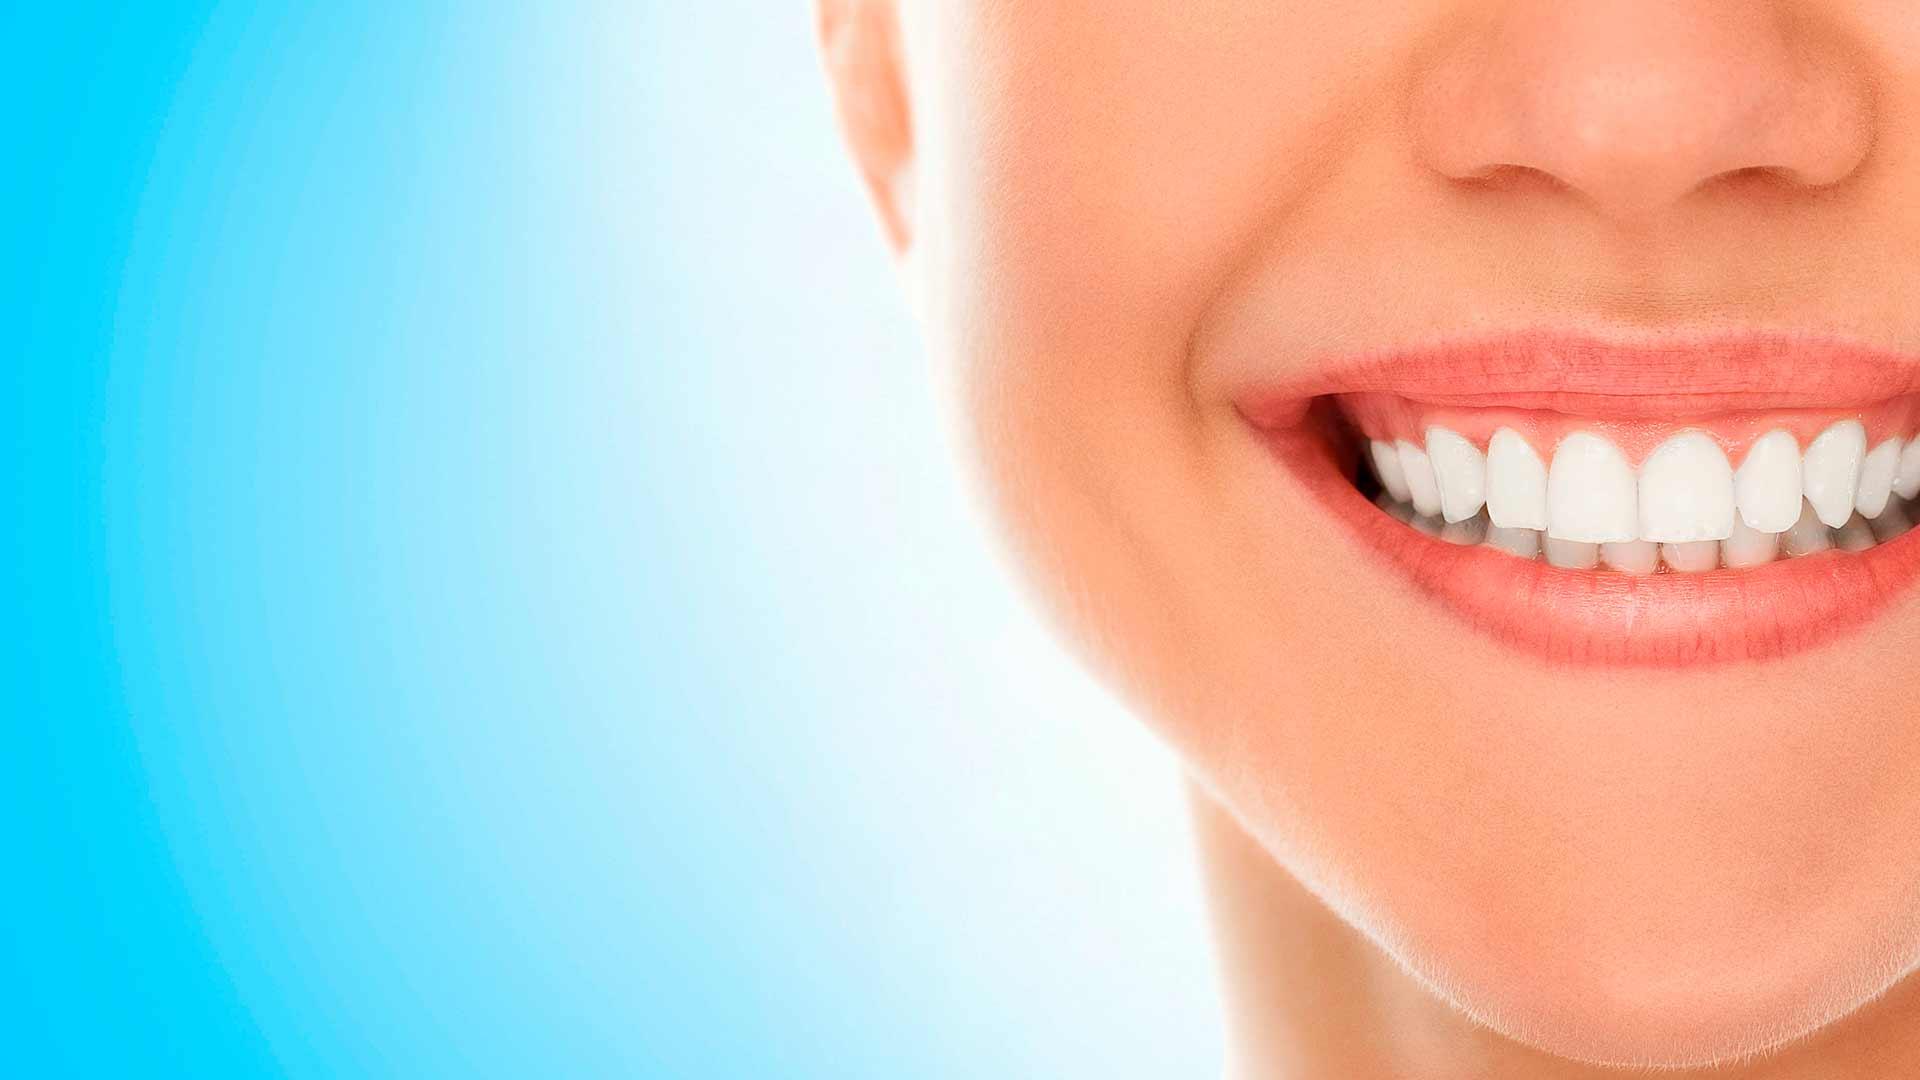 Visita a tu dentista habitualmente y mantén tus encías sanas para evitar la Gingivitis